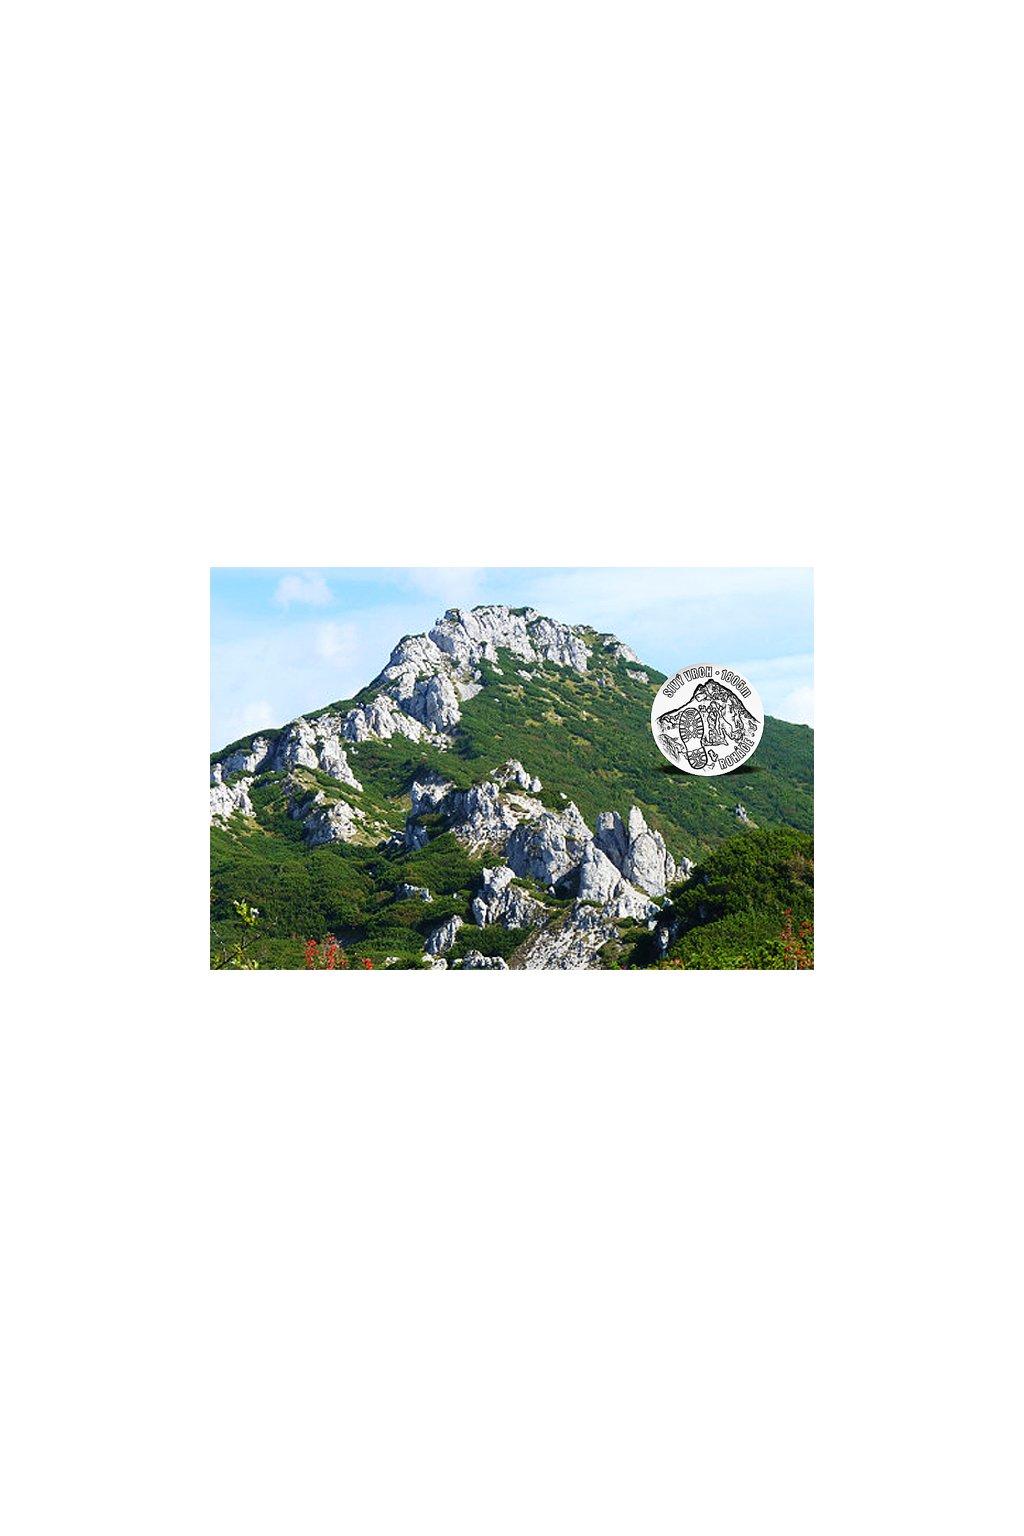 2920002 odznak no 2 sivy vrch